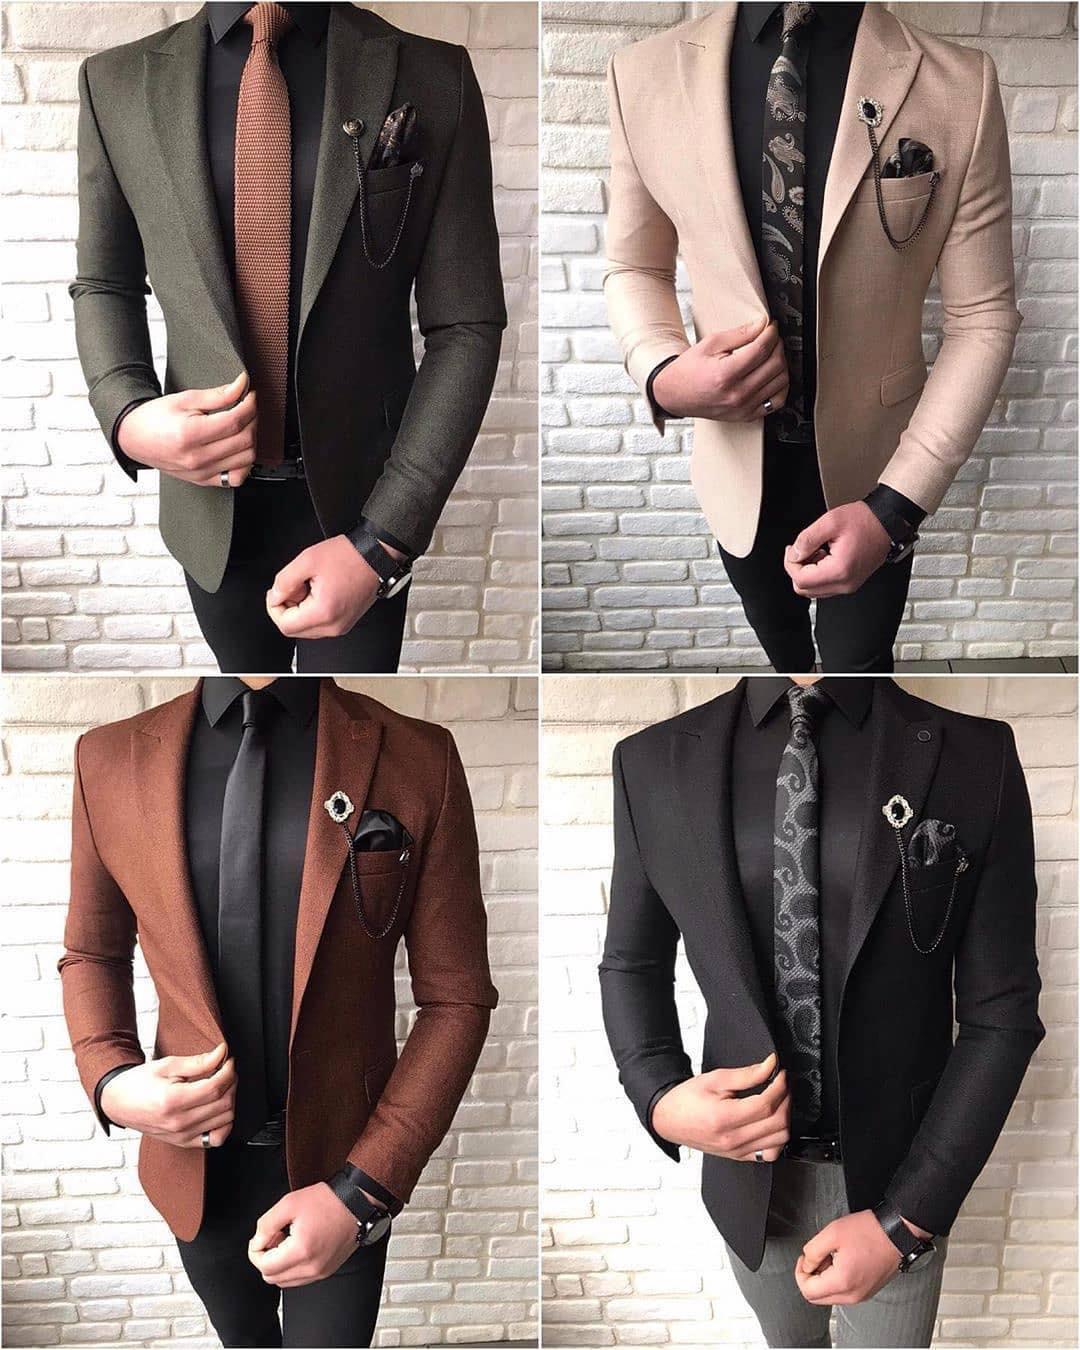 Os 8 Melhores Modelos De Homens Se Vestem De 2020 Para Todas Aocasiões